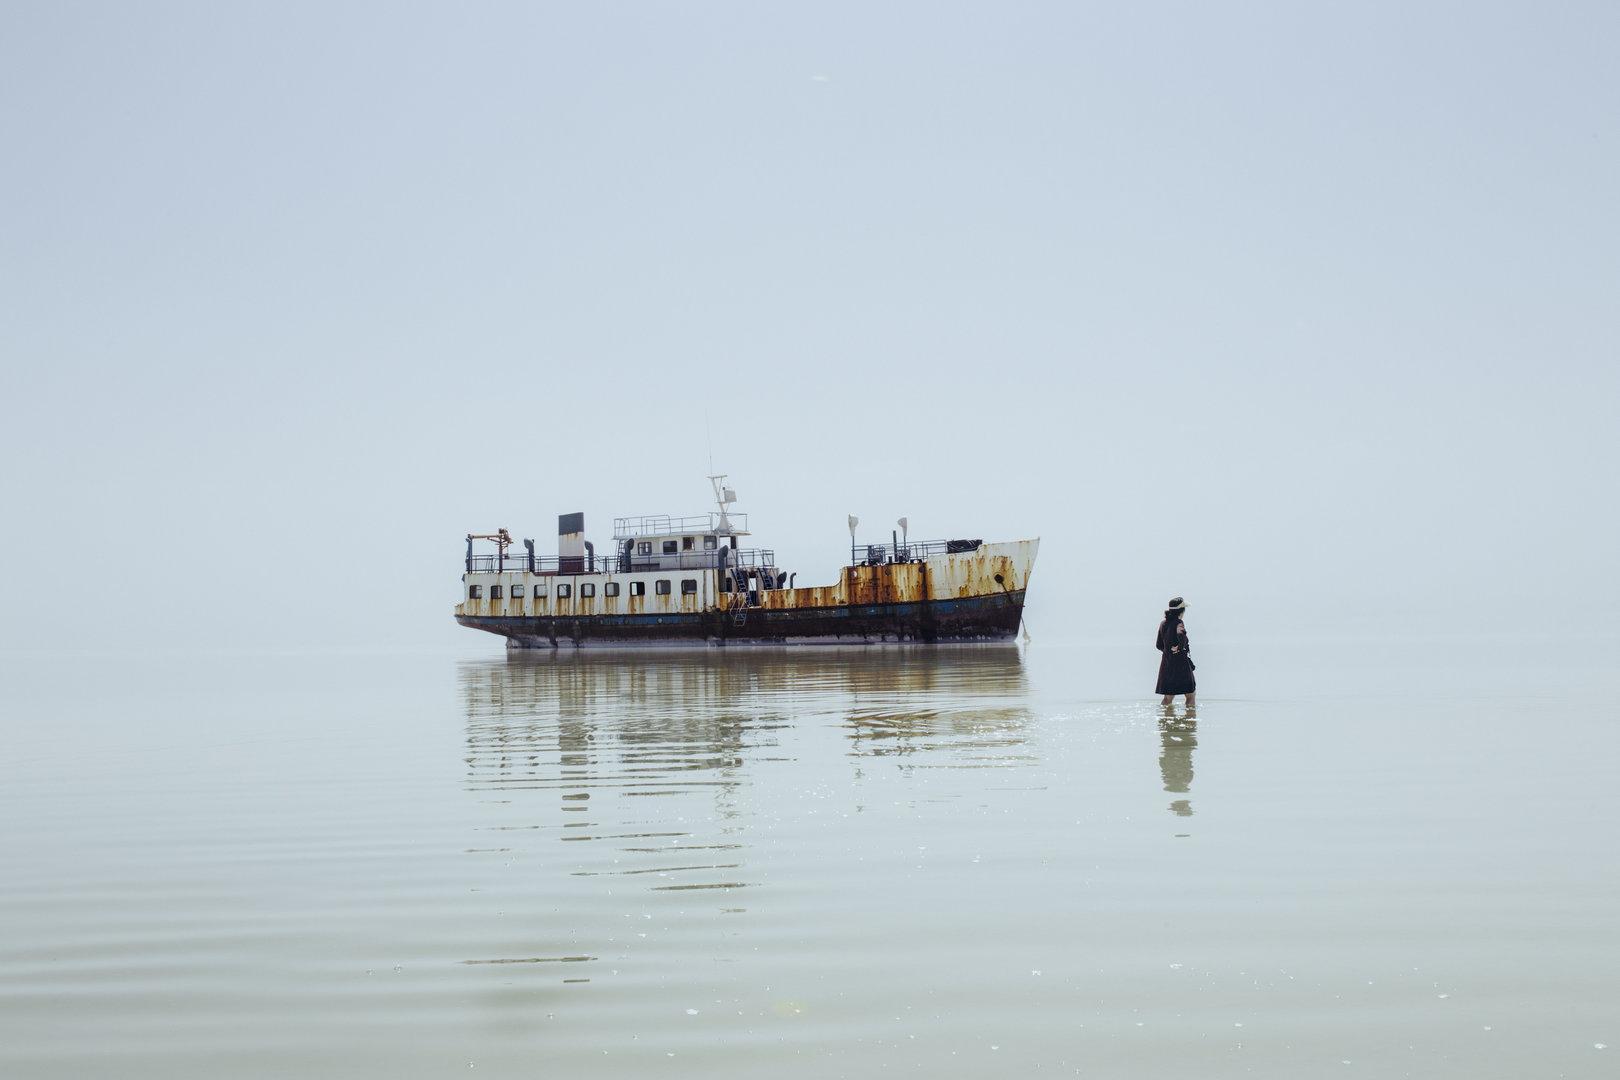 Aufwühlende Ausstellung zum Klimawandel: Auch die Welt zeigt Symptome